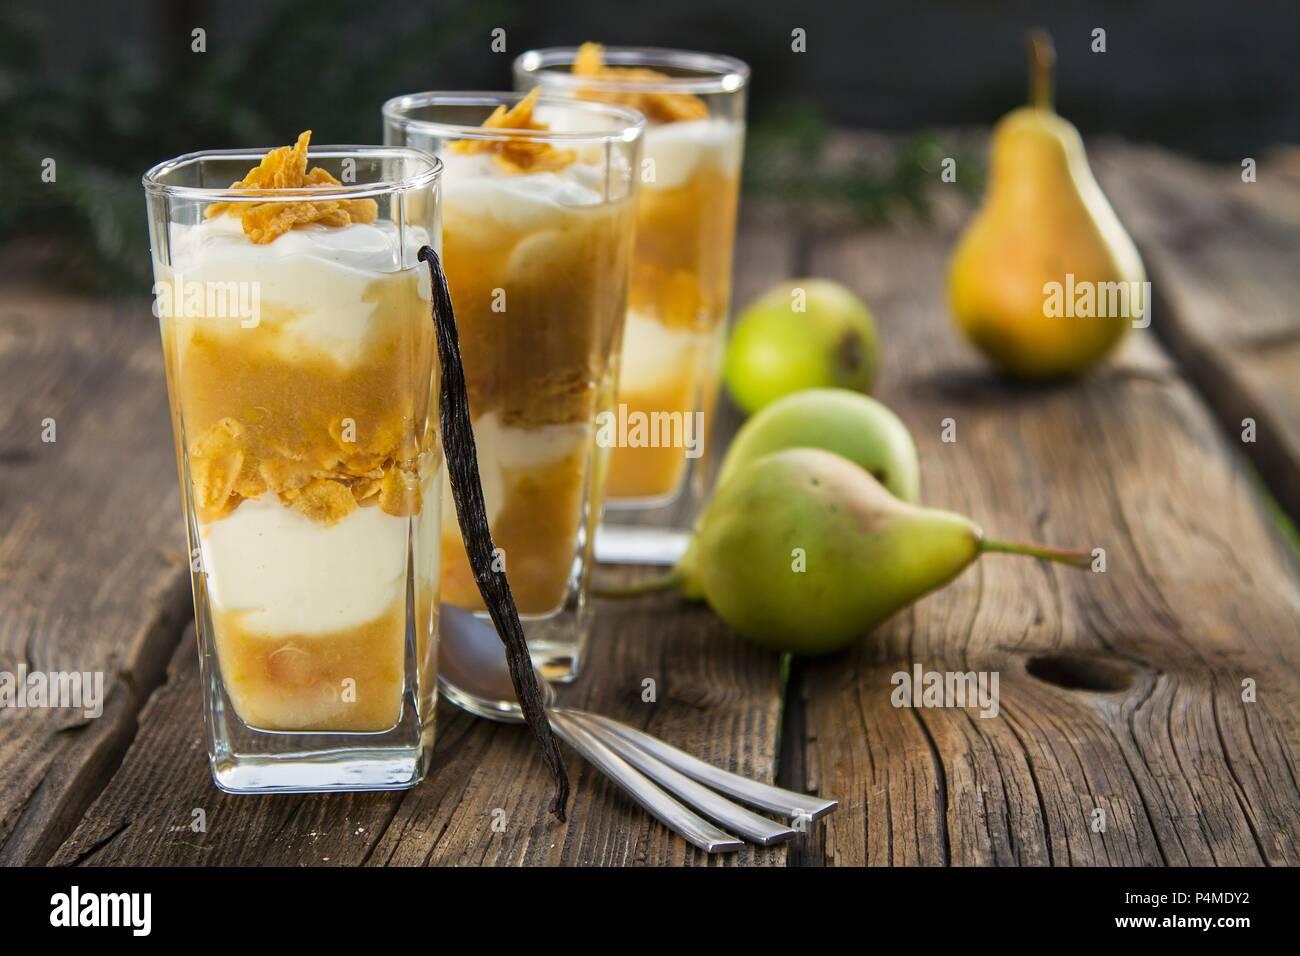 Les desserts à base de yogourt à la vanille poire Photo Stock